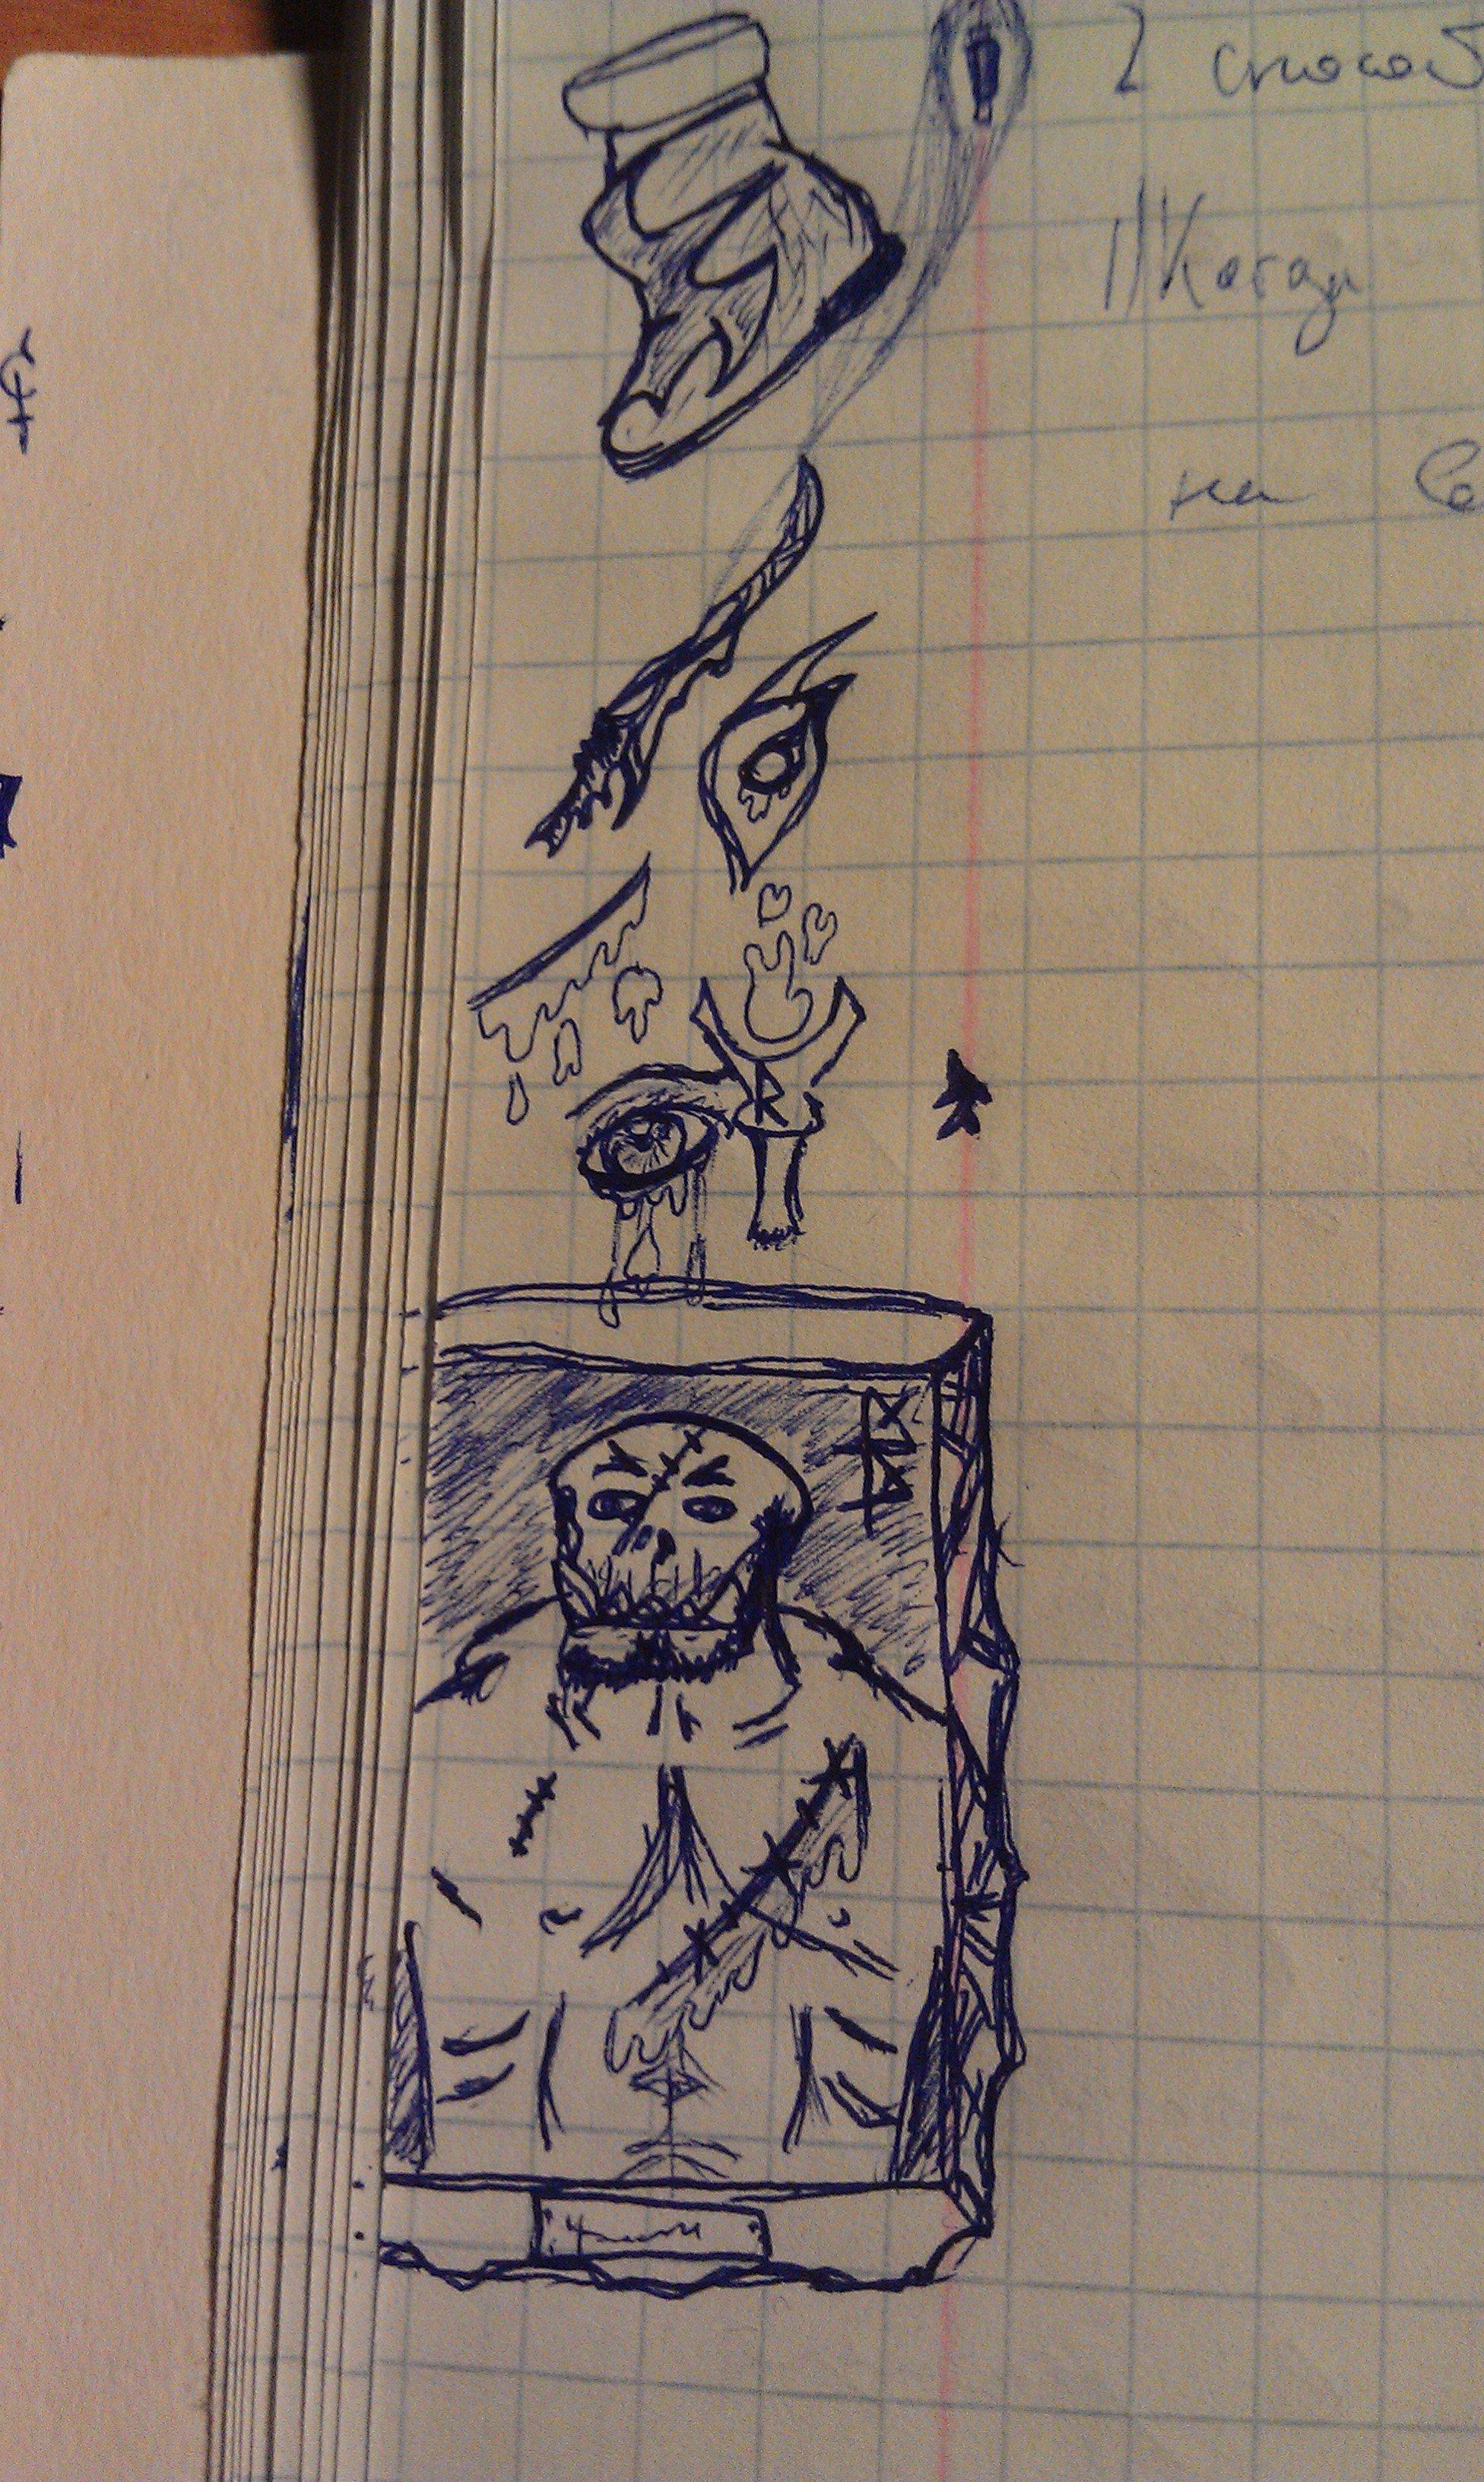 Когда на парах совсем скучно, уметь бы рисовать. . - Изображение 2